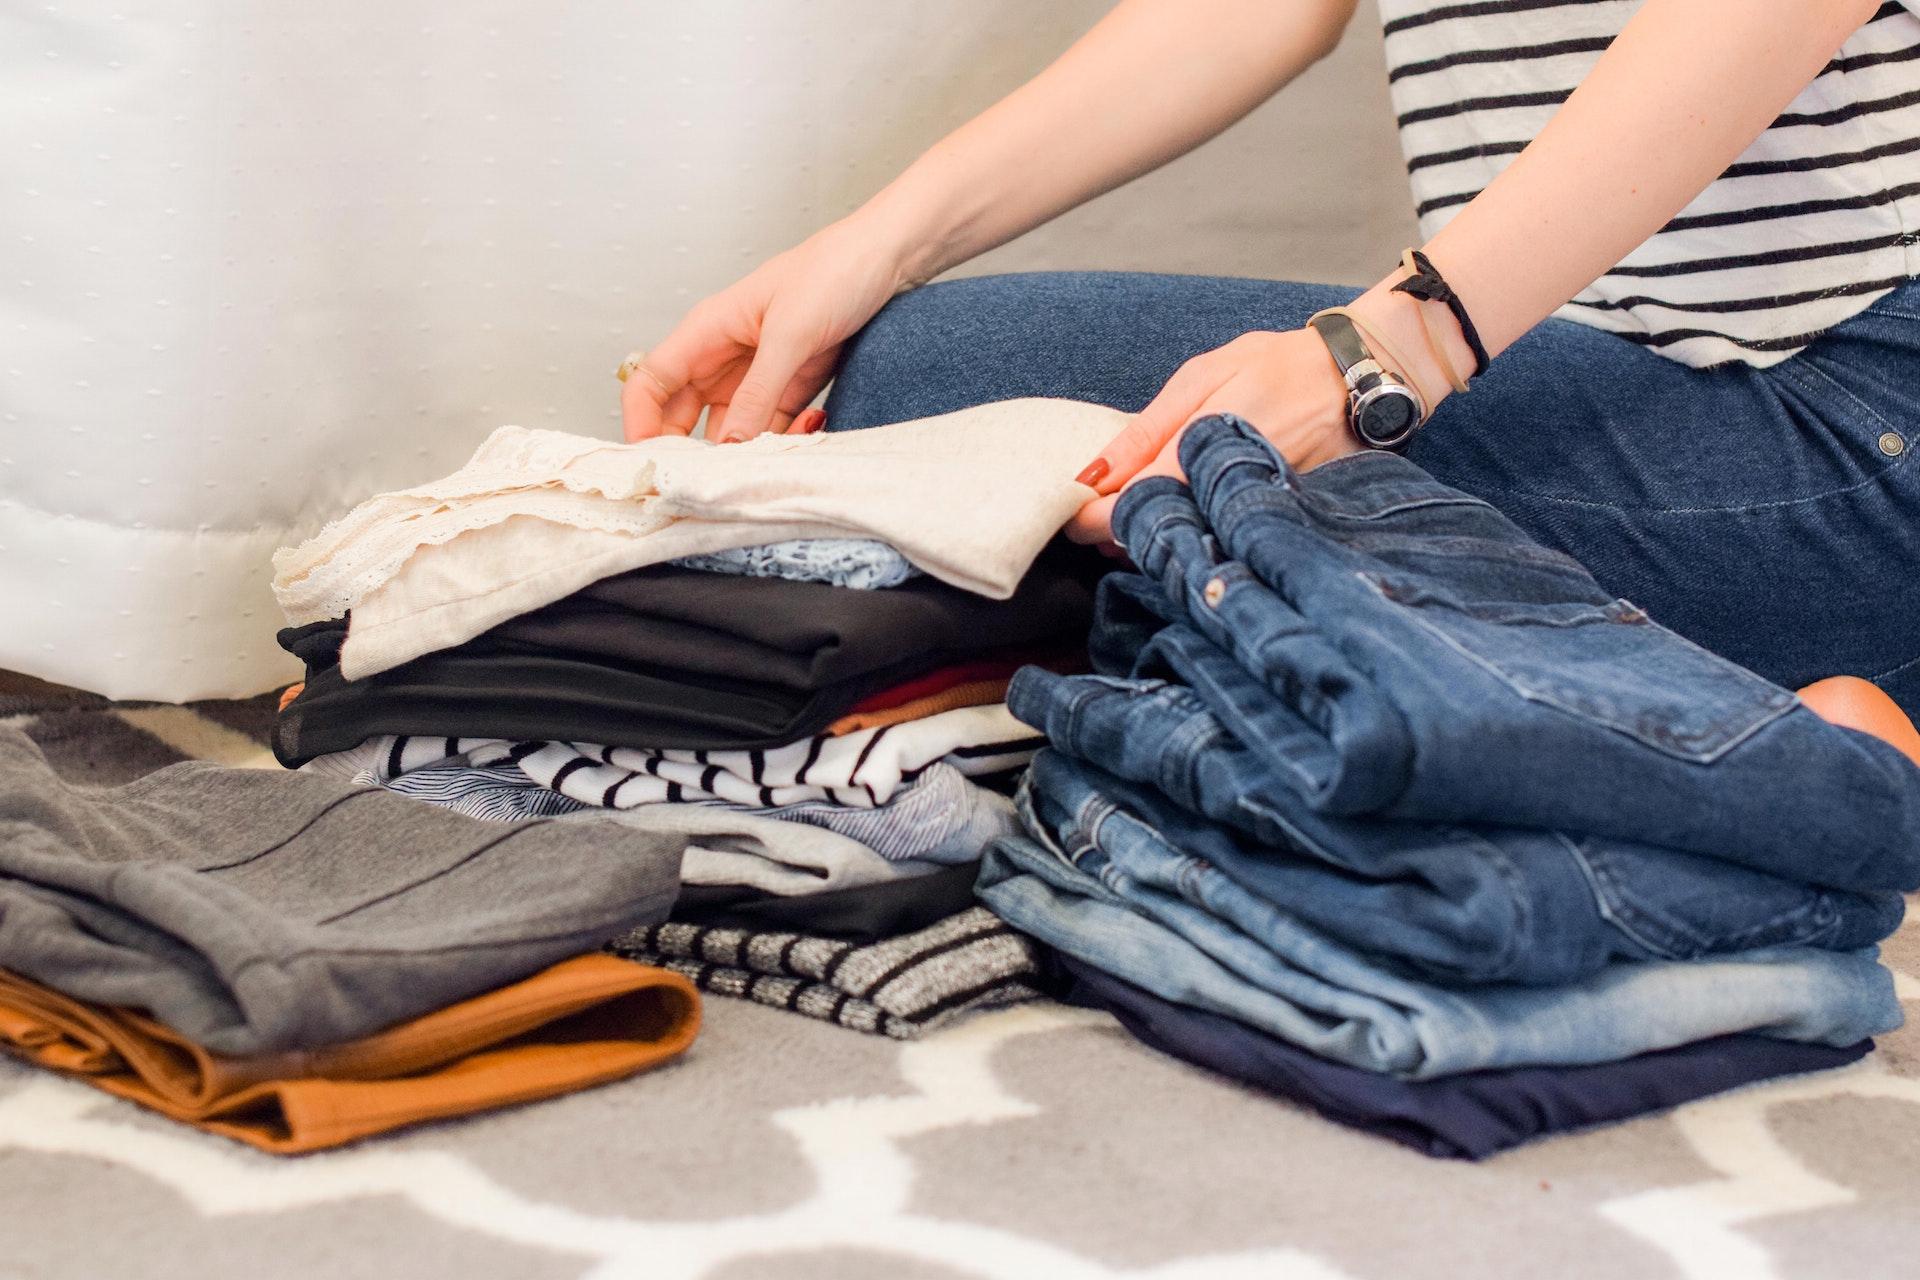 Turhasta tavarasta kannattaa hankkiutua eroon